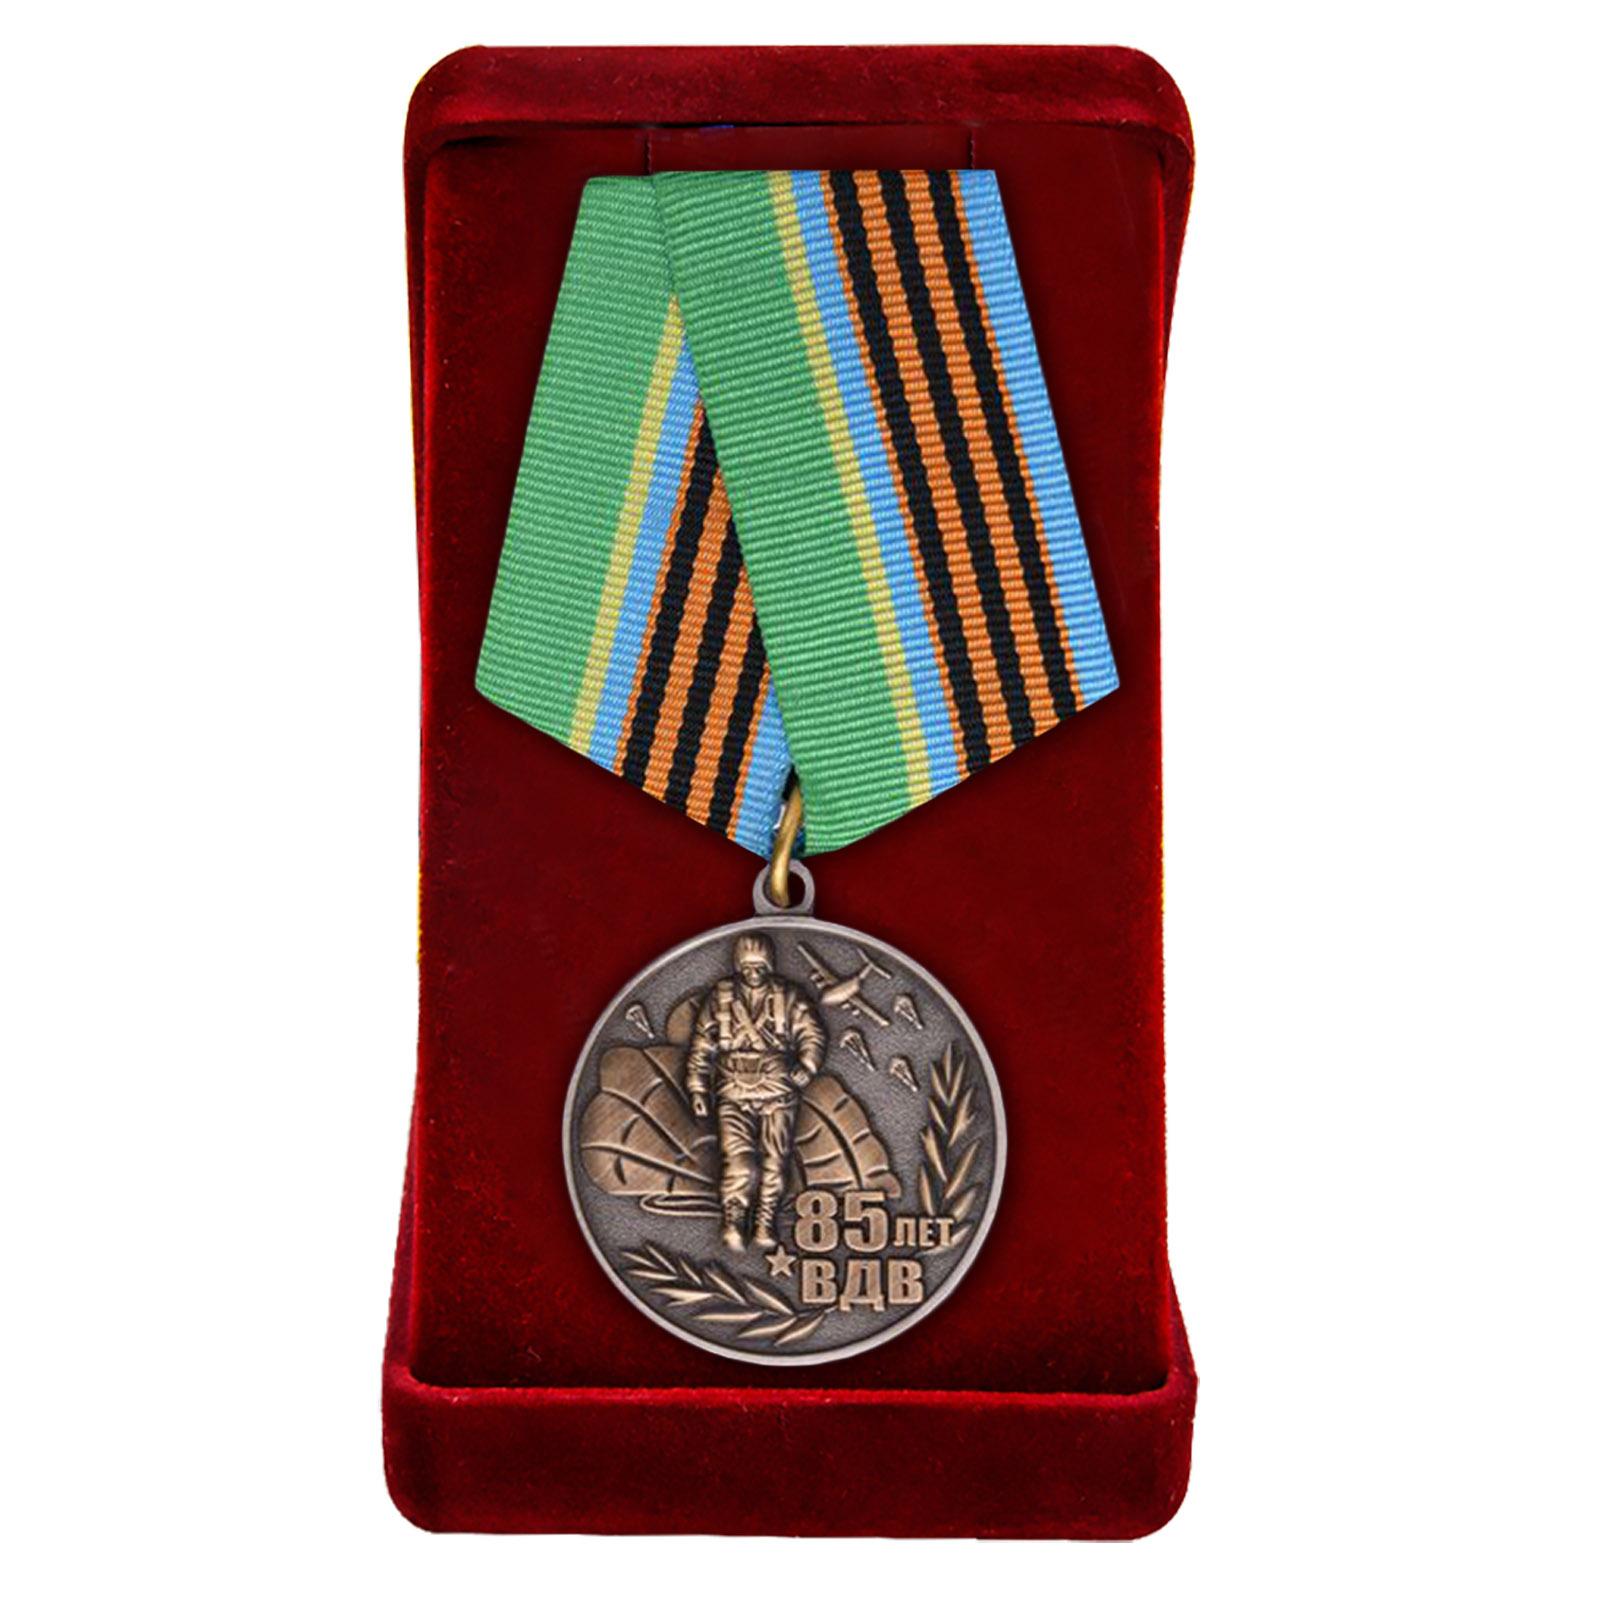 Купить медаль ВДВ юбилейную по экономичной цене